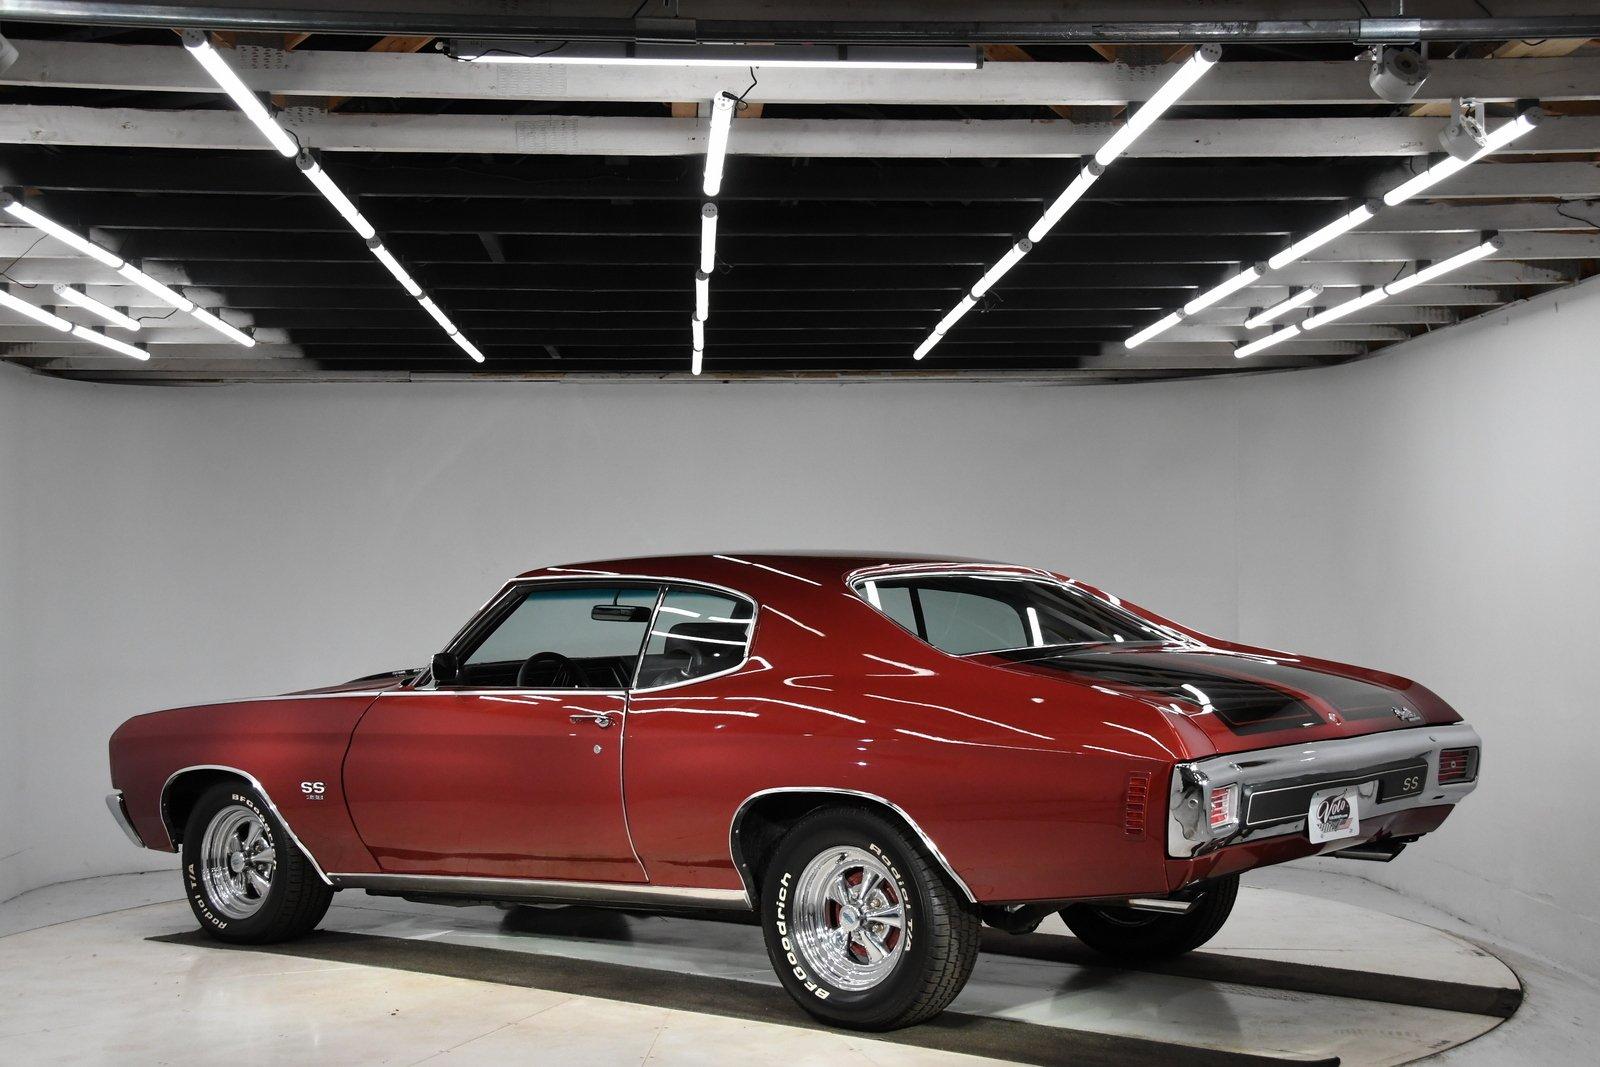 1970 Chevrolet Chevelle | Volo Auto Museum